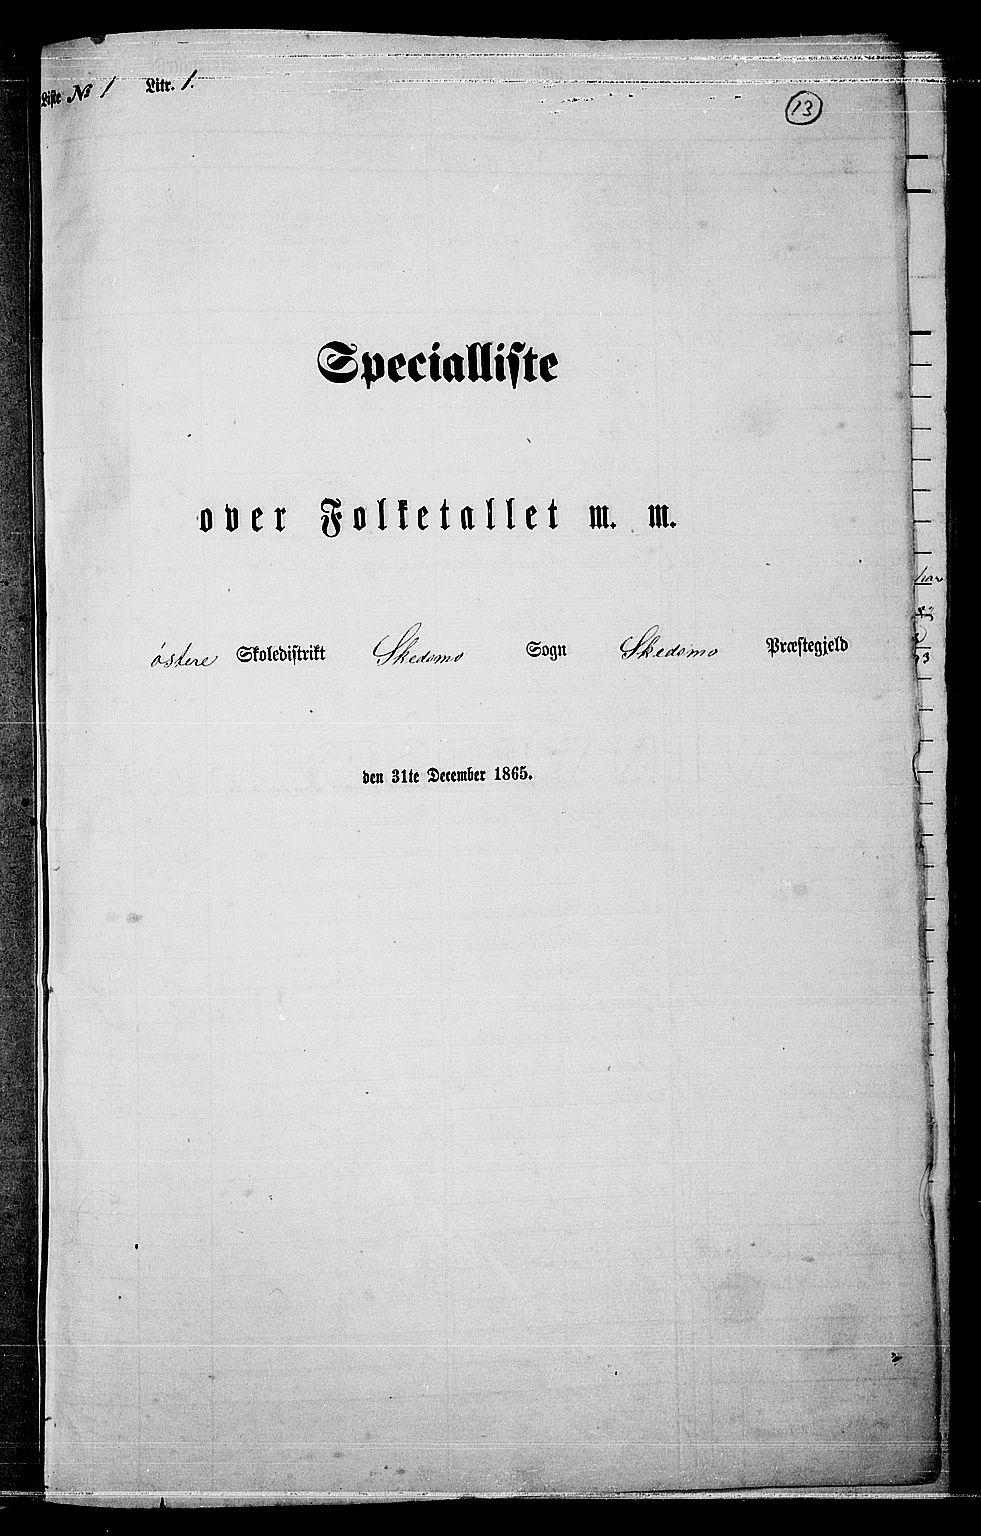 RA, Folketelling 1865 for 0231P Skedsmo prestegjeld, 1865, s. 11